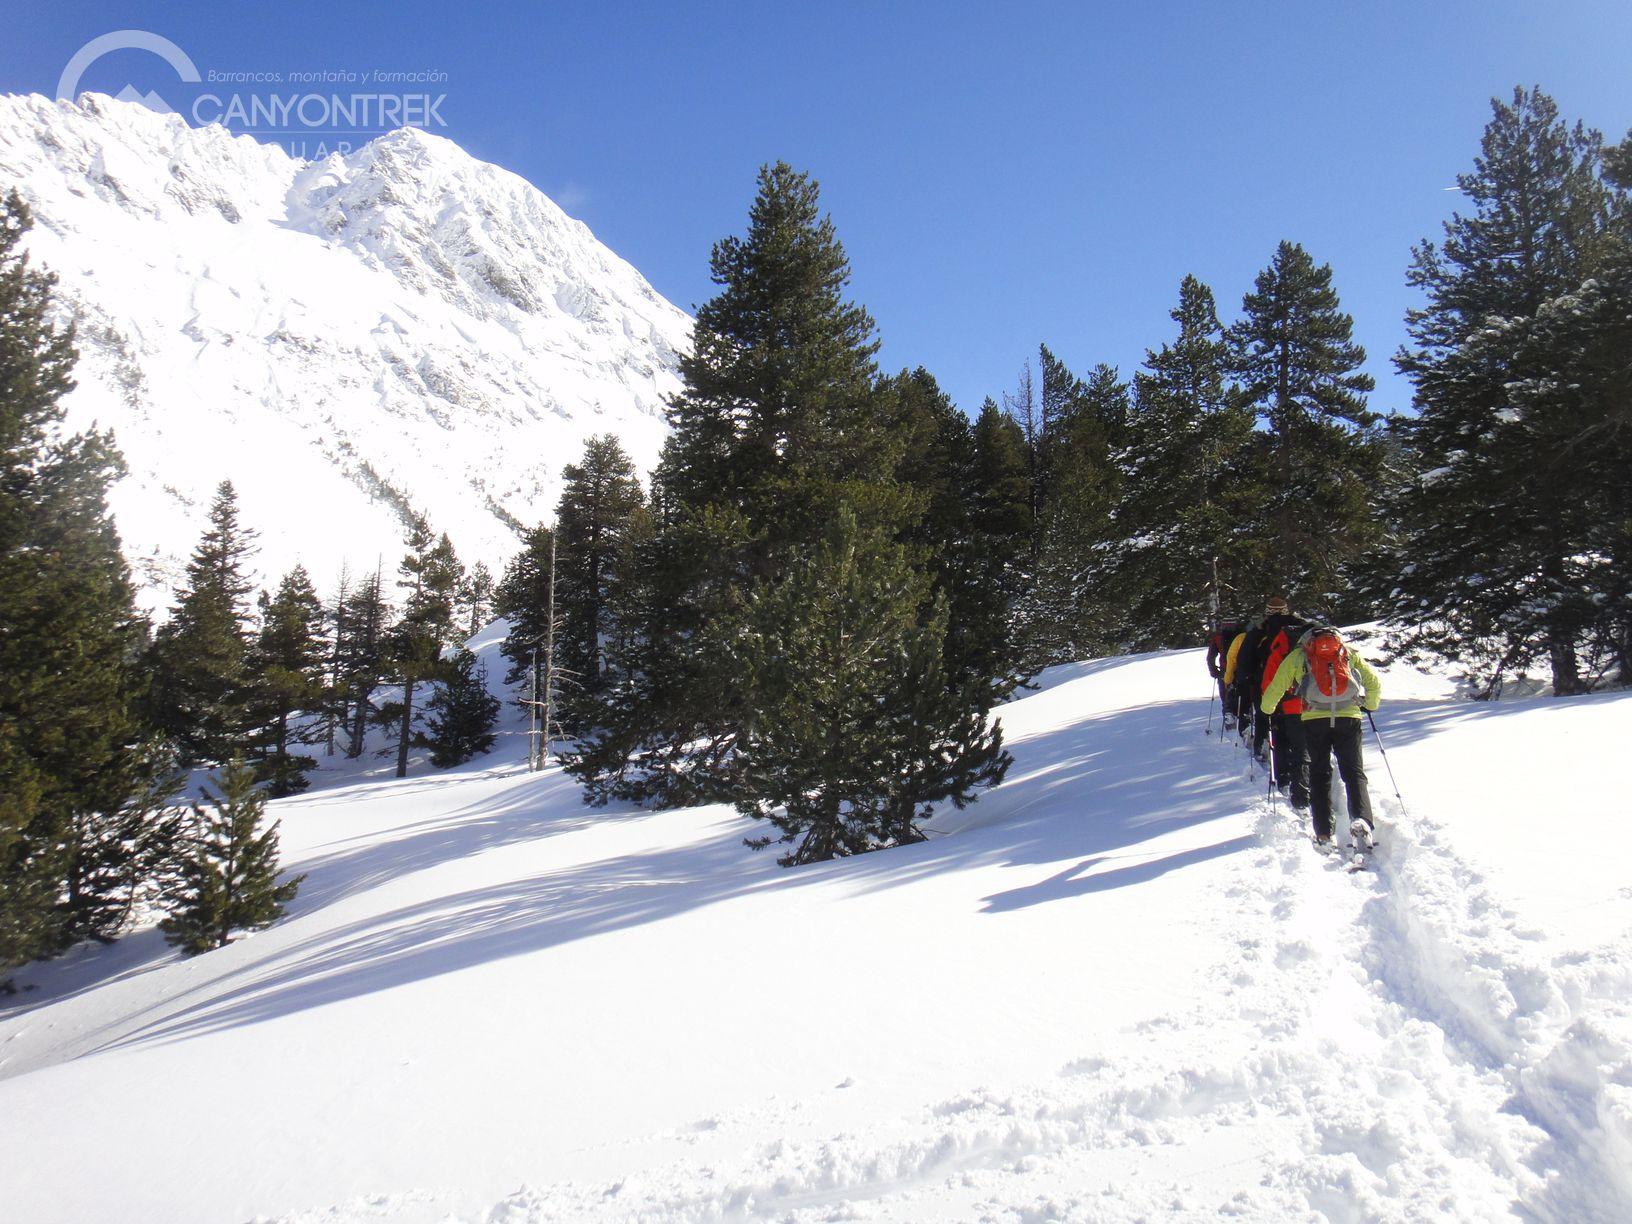 raquetas-de-nieve-pirineos-canyontrekguara-guias-de-montaña-benasque-ordesa7